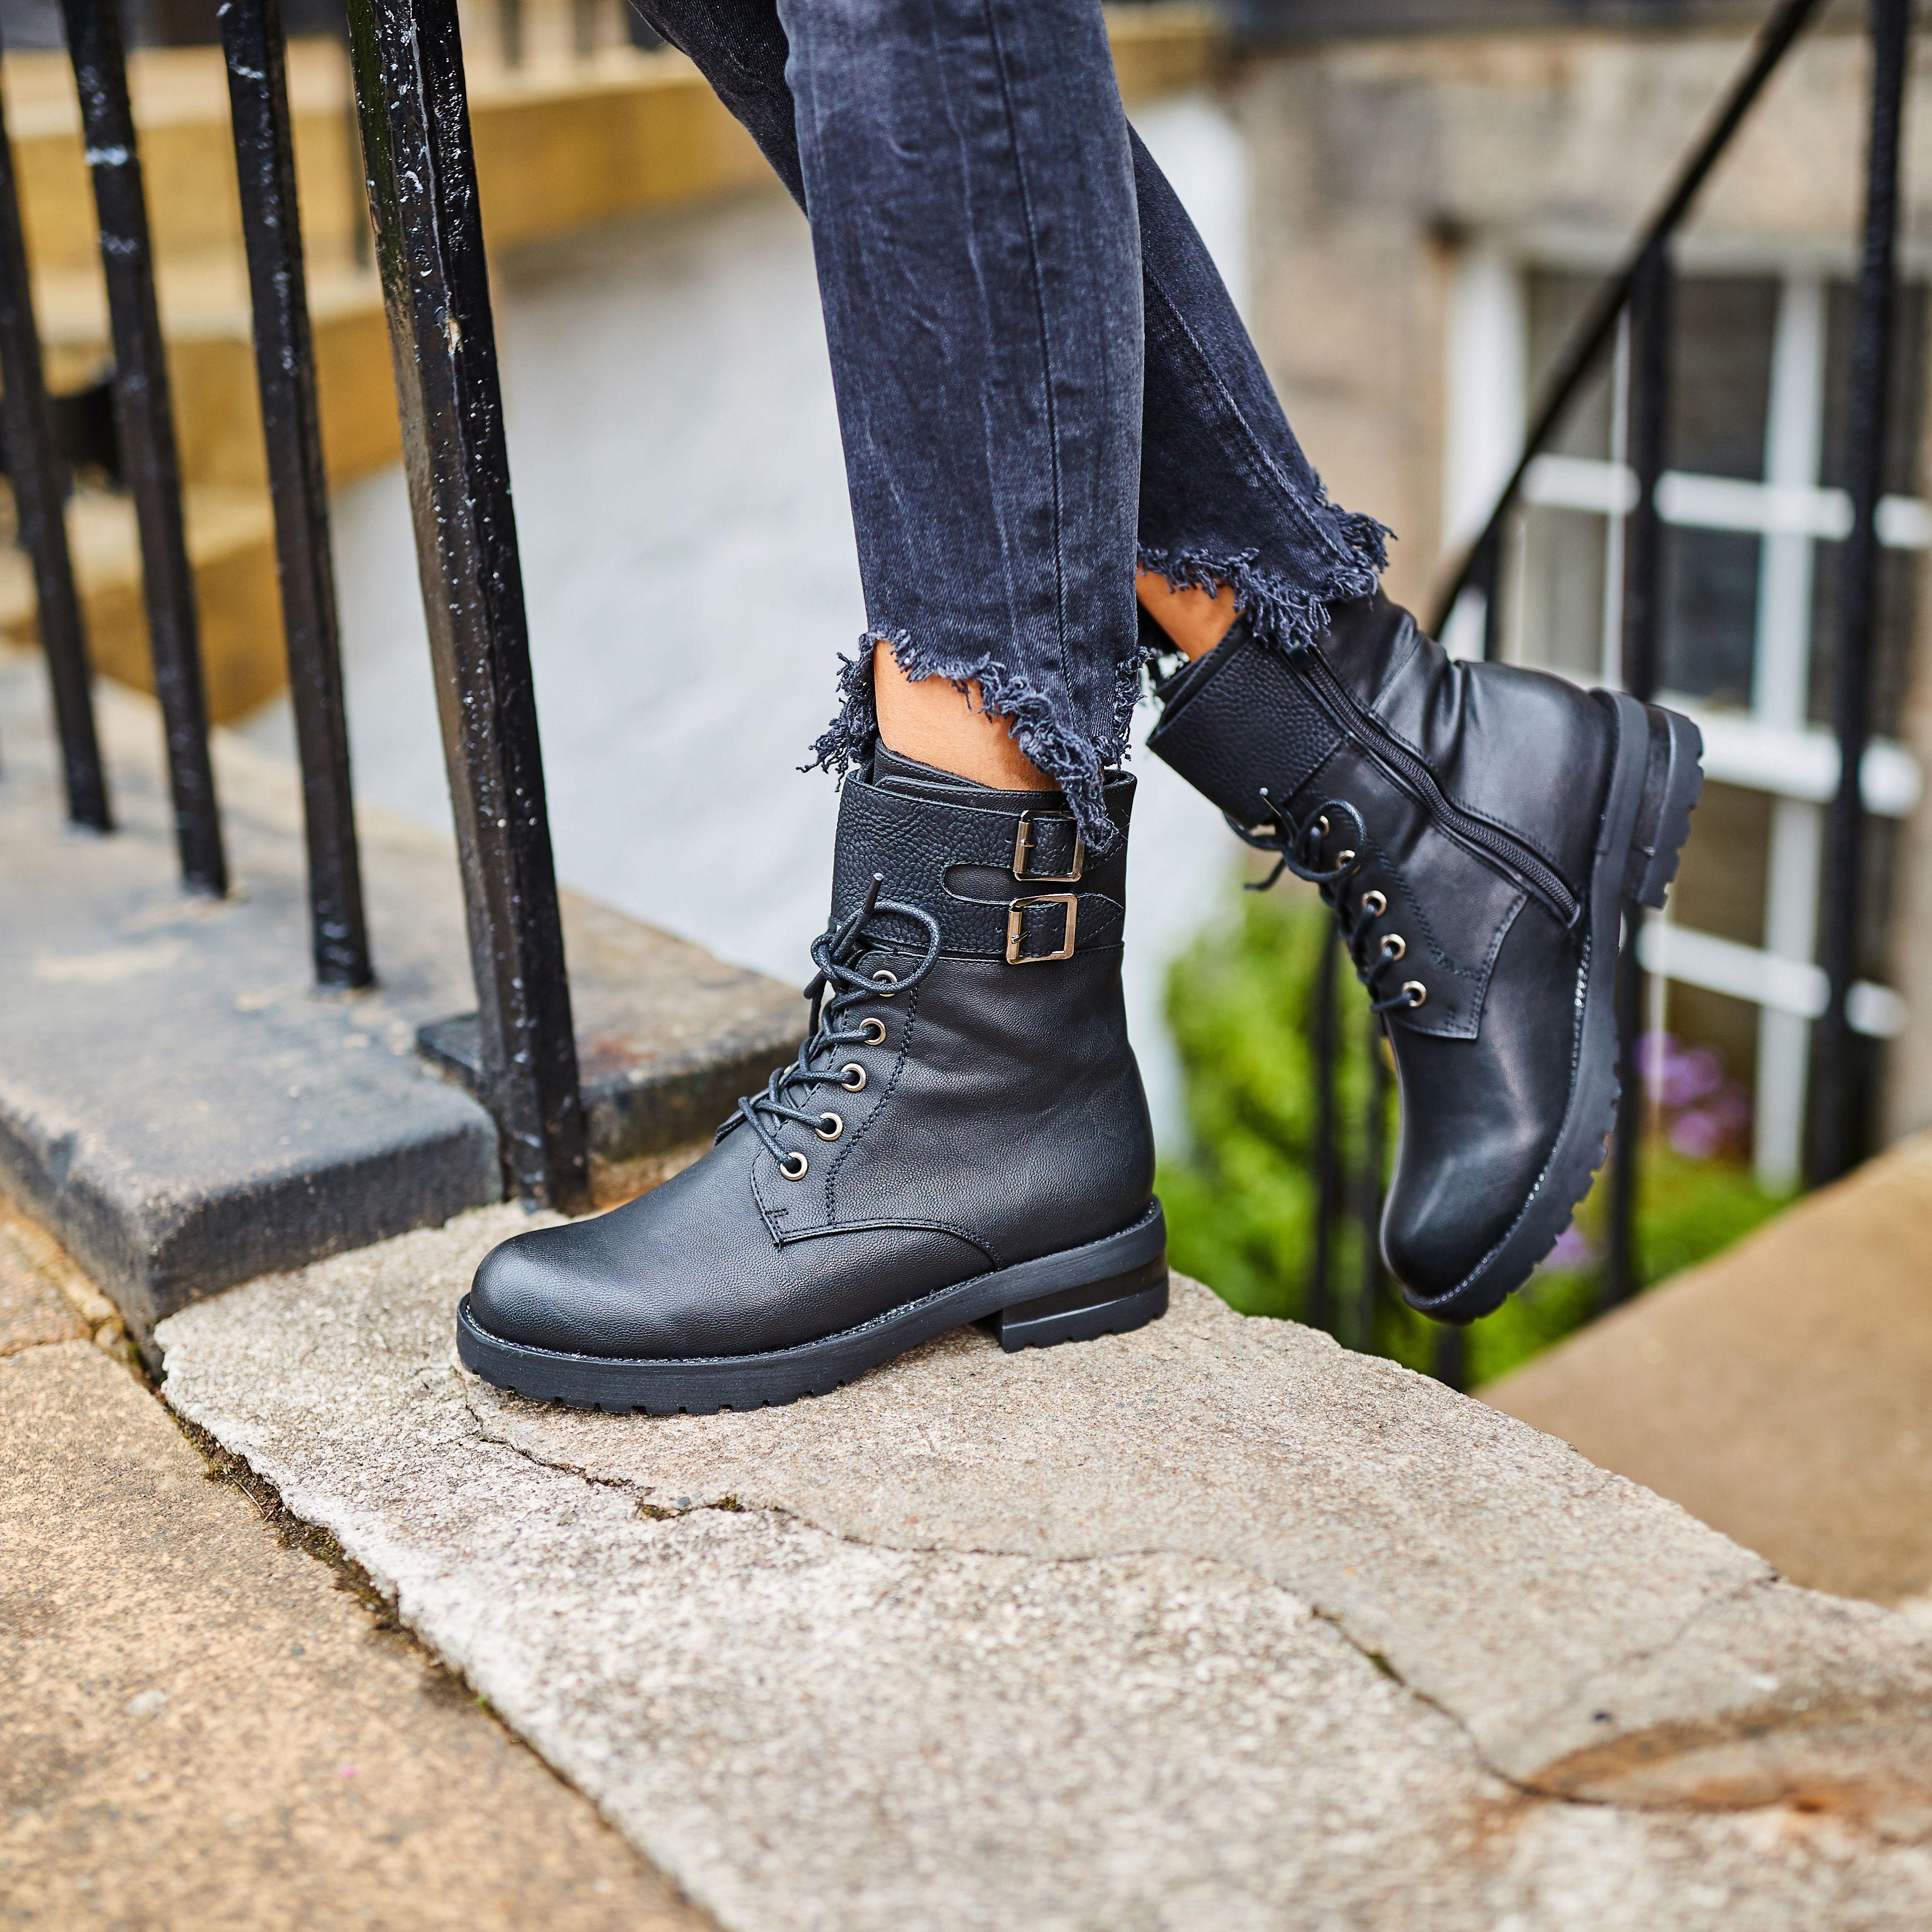 Rieker Biker Boots 99530 00 | Schuhe damen, Damenschuhe